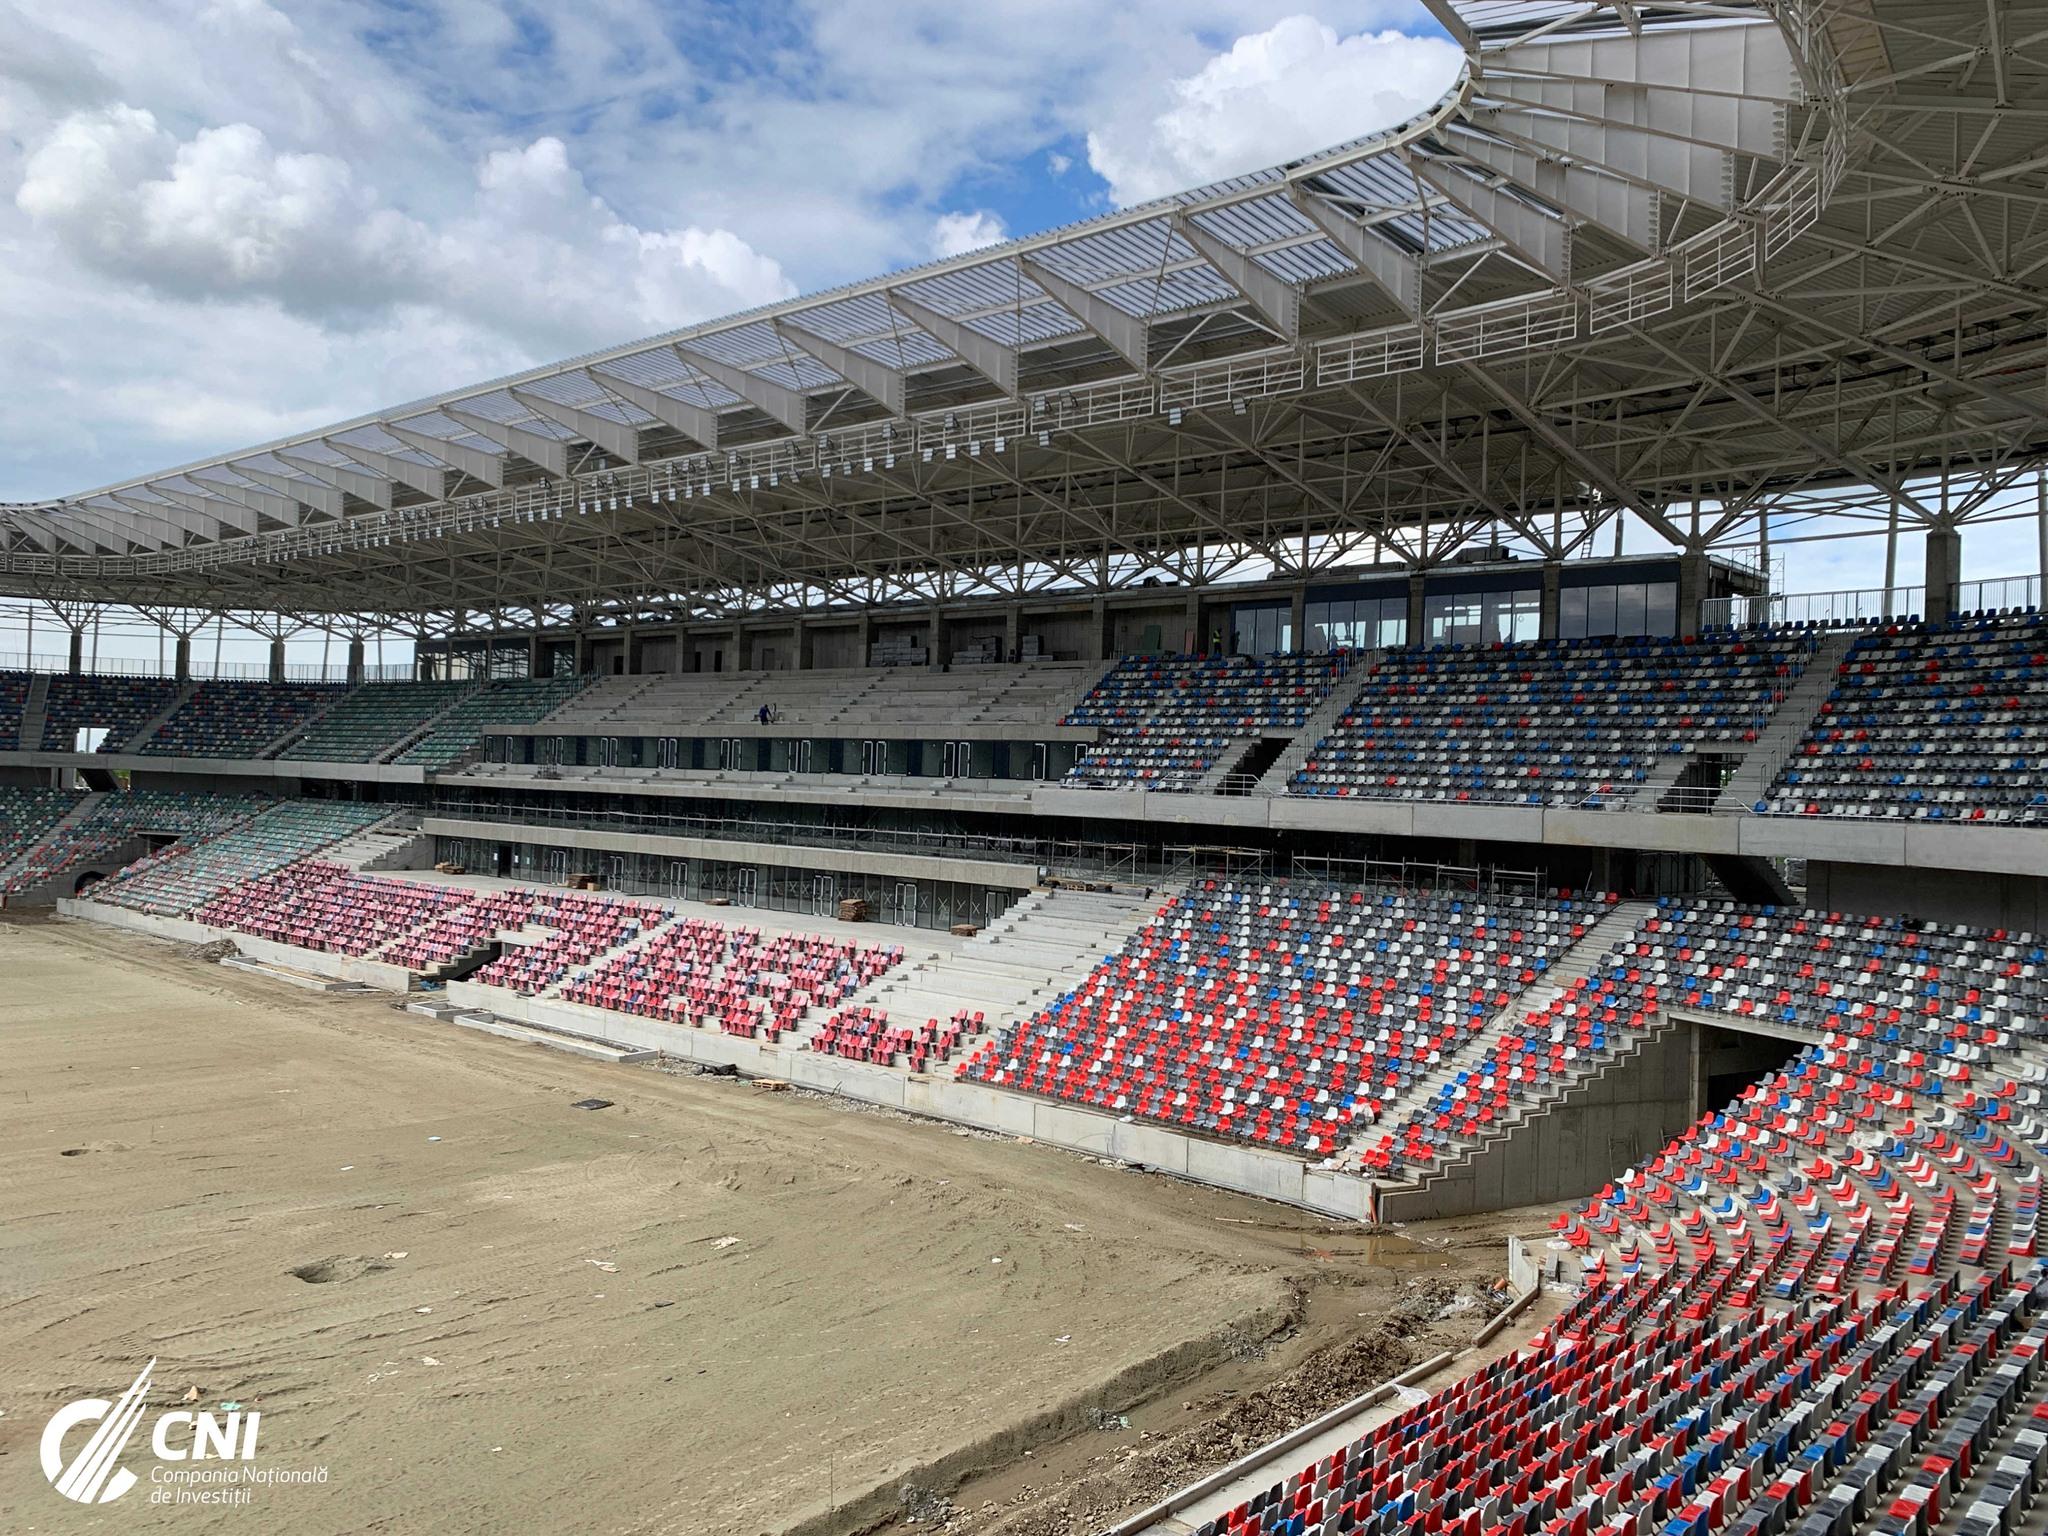 """Fanii Stelei și-au ales adversara pentru inaugurarea noului stadion: """"Ce-ar fi ca tocmai ei să fie invitați?"""""""